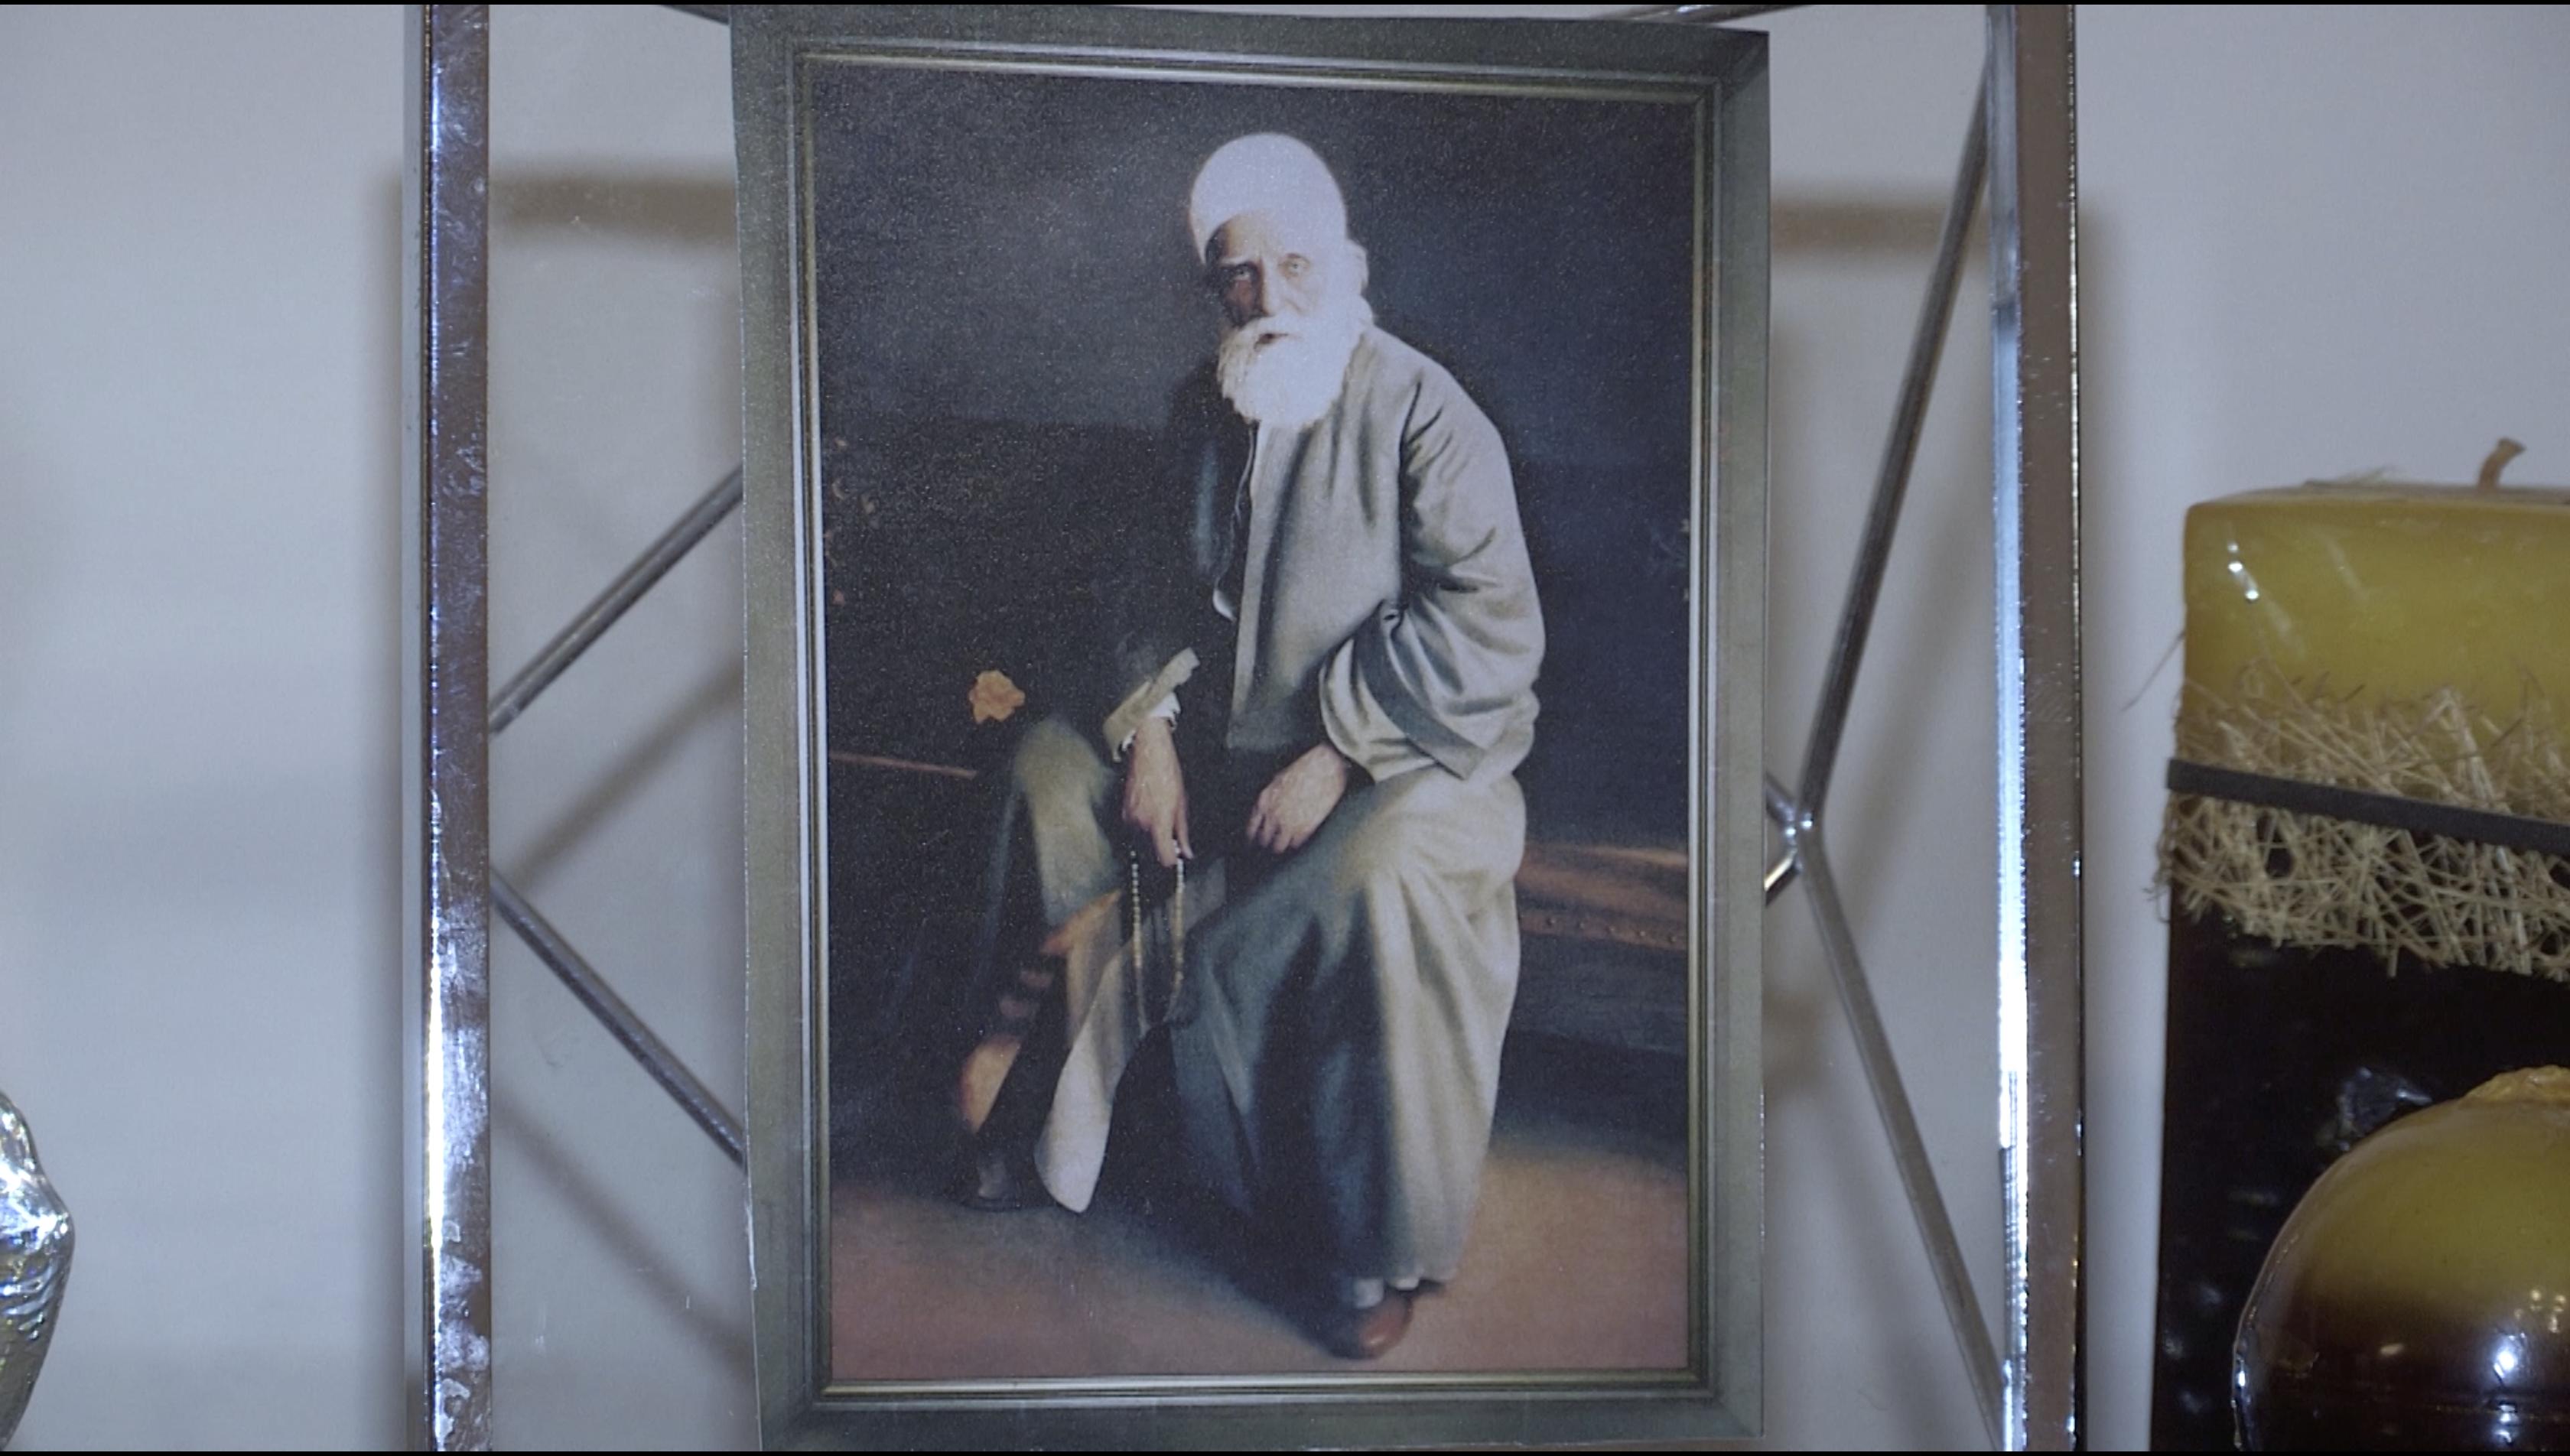 لا يضع البهائيون صورة بهاء الله في بيوتهم بل صور عبد البهاء ابنه